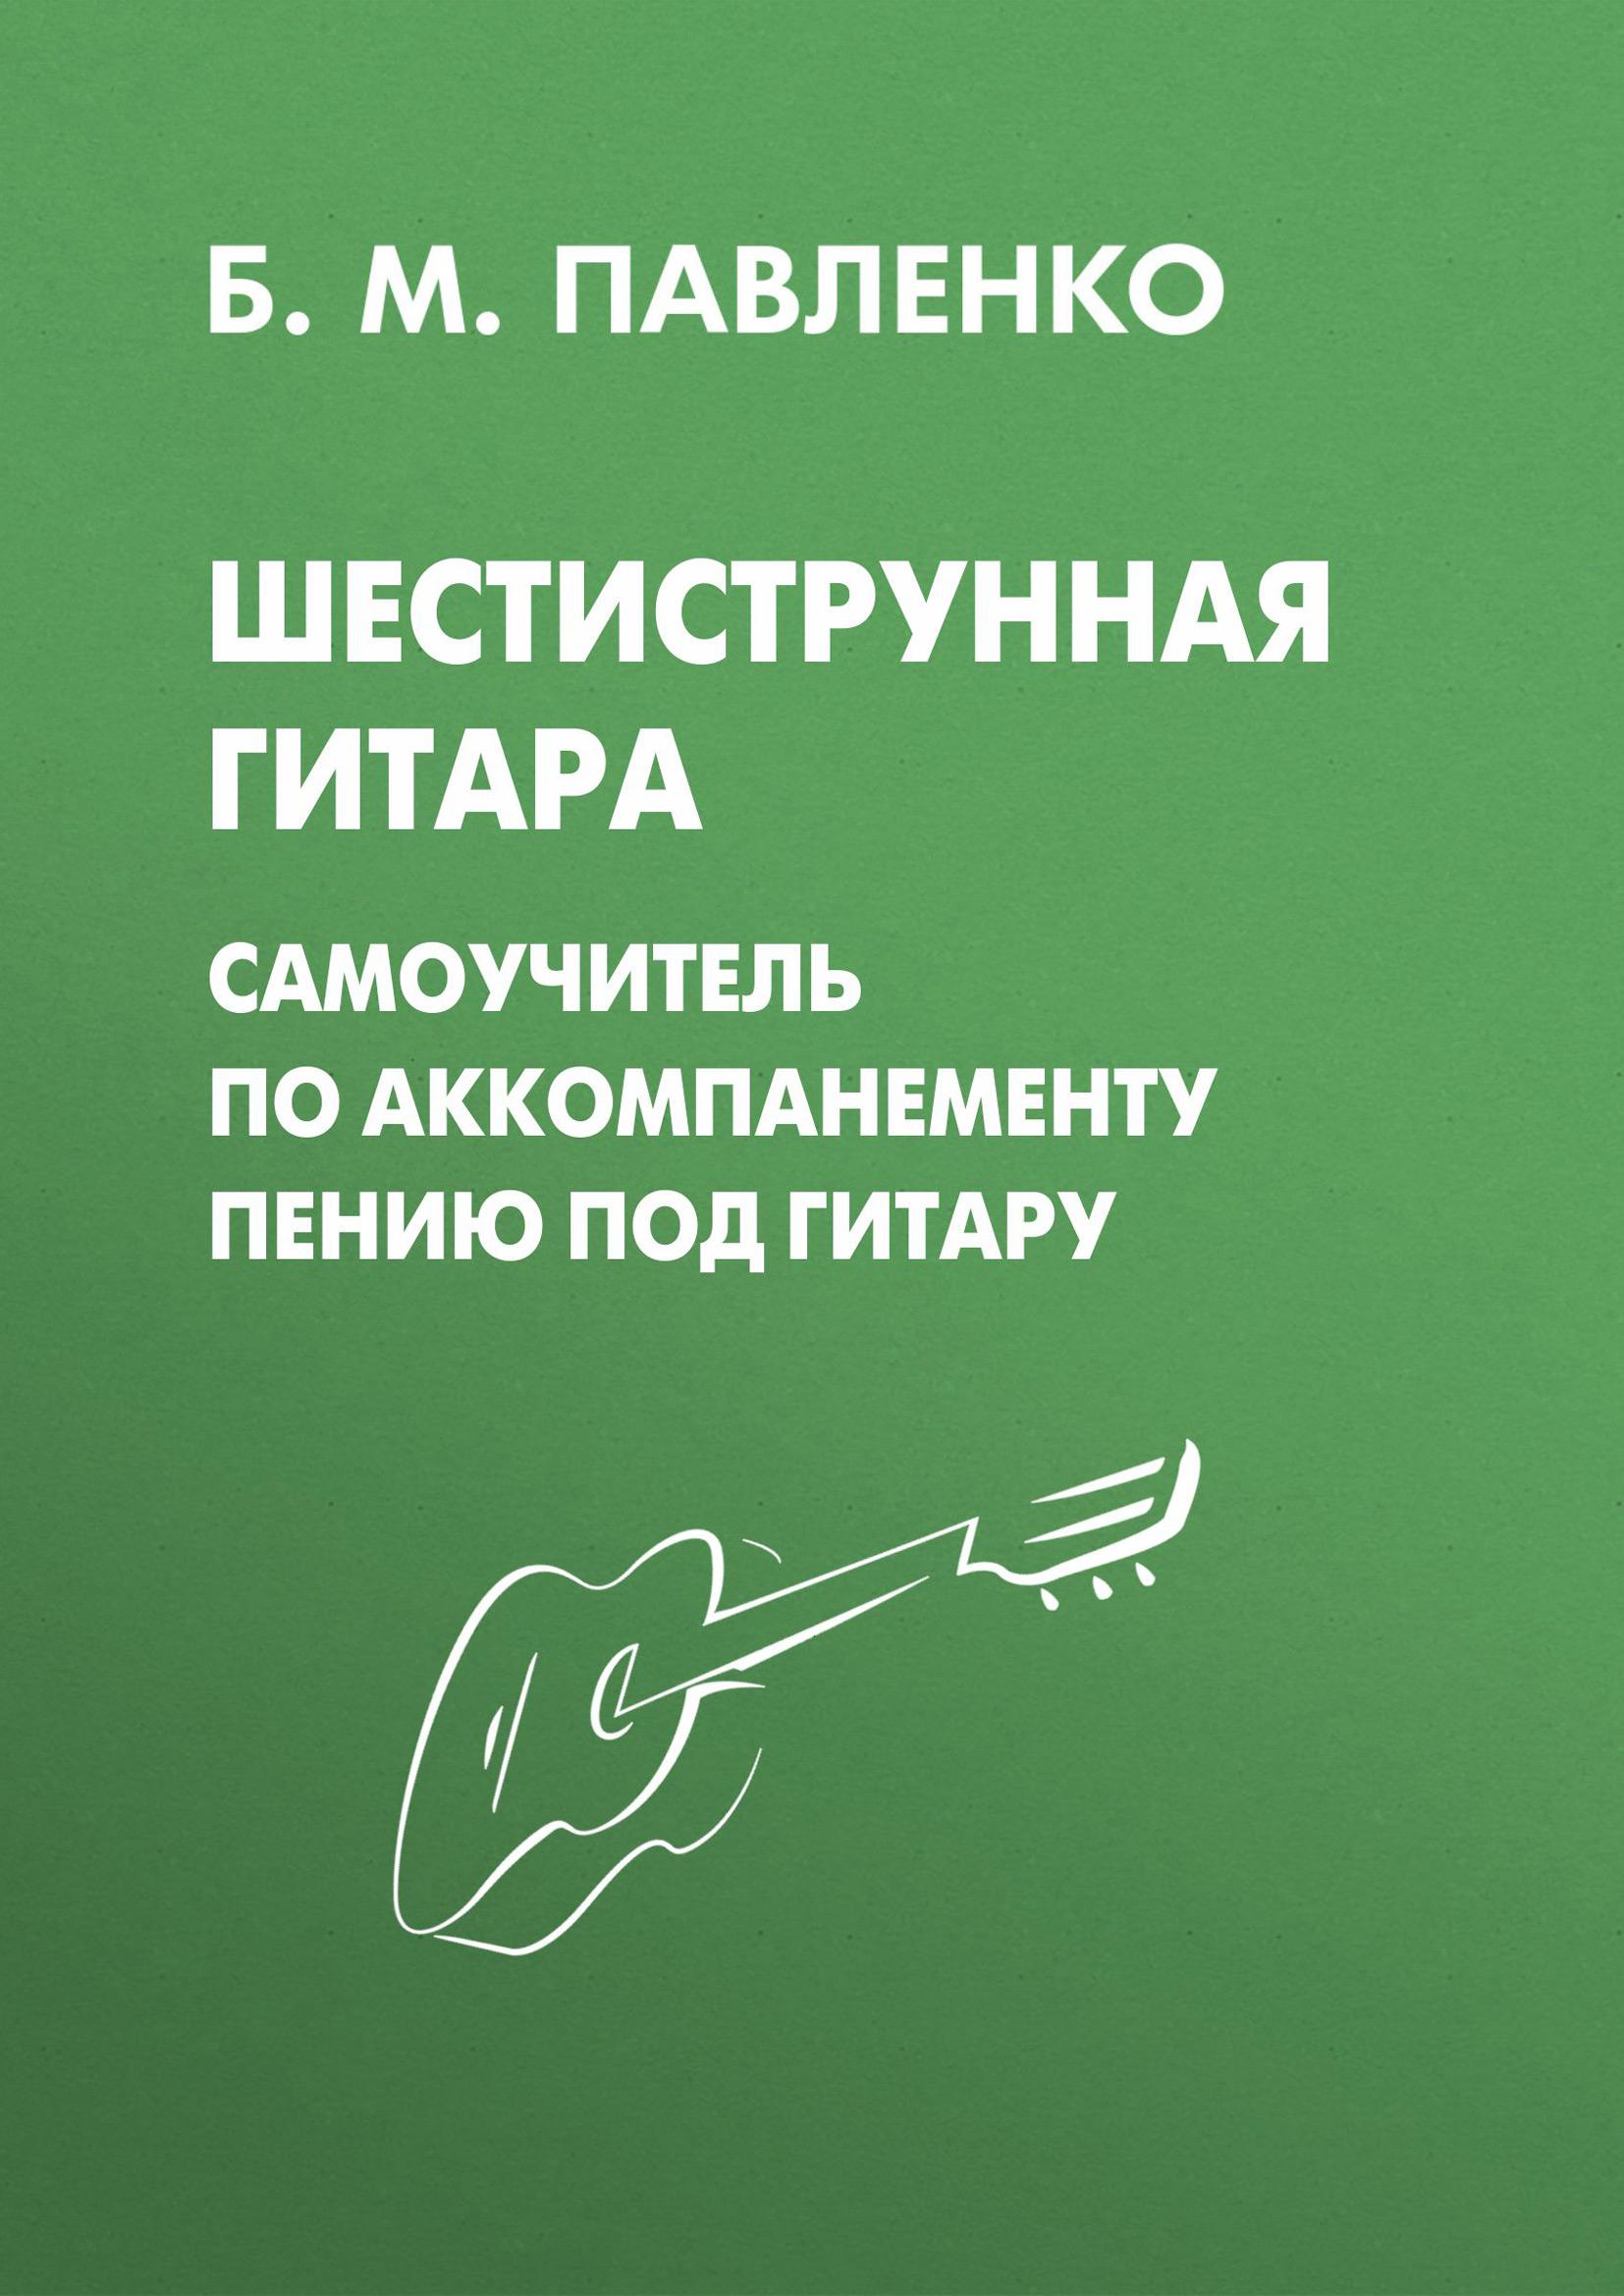 Б. М. Павленко Шестиструнная гитара. Самоучитель по аккомпанементу пению под гитару цена 2017